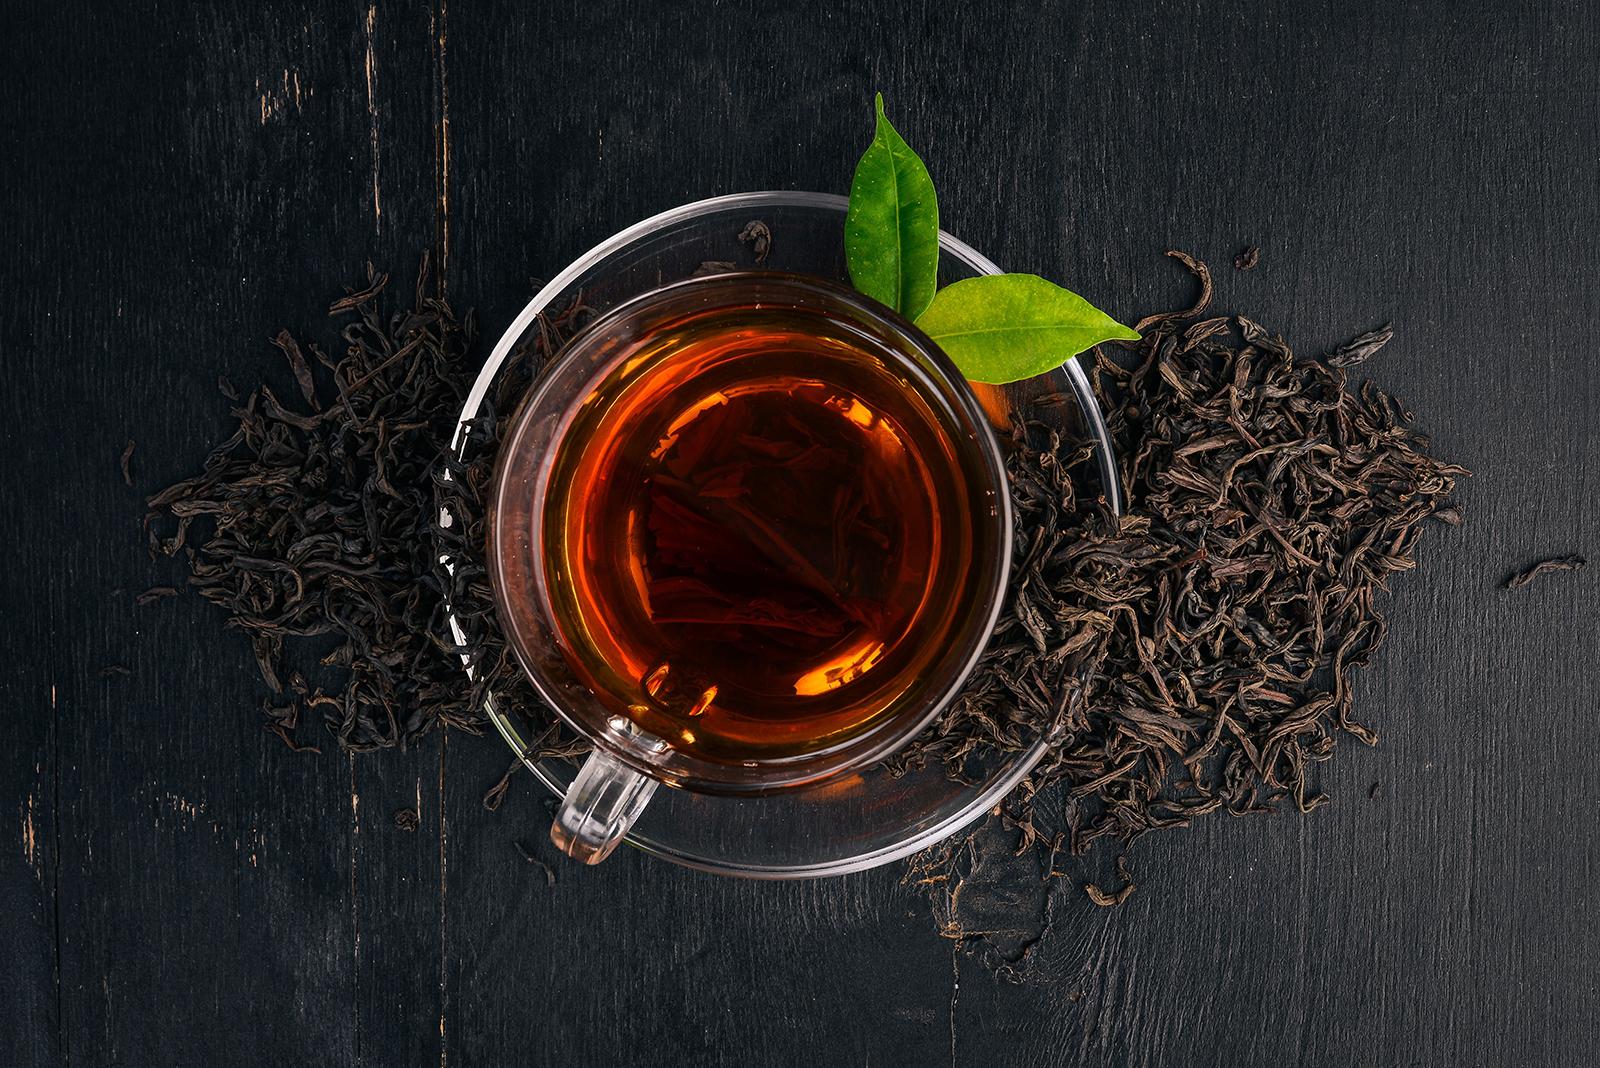 Учеными из США обнаружены в заваренном чае около 500 неизвестных соединений